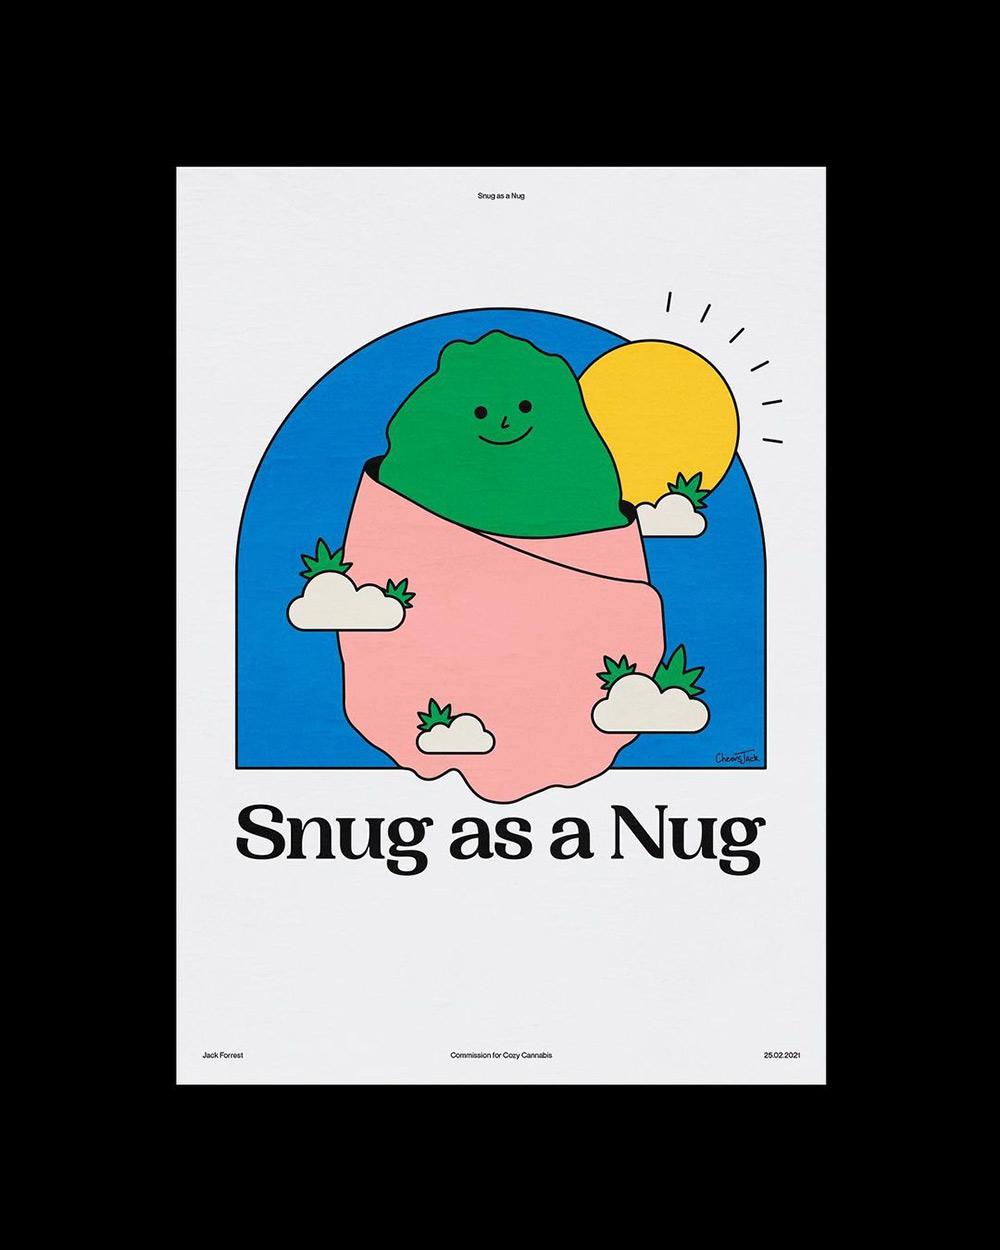 可爱有趣的创意插画海报设计!